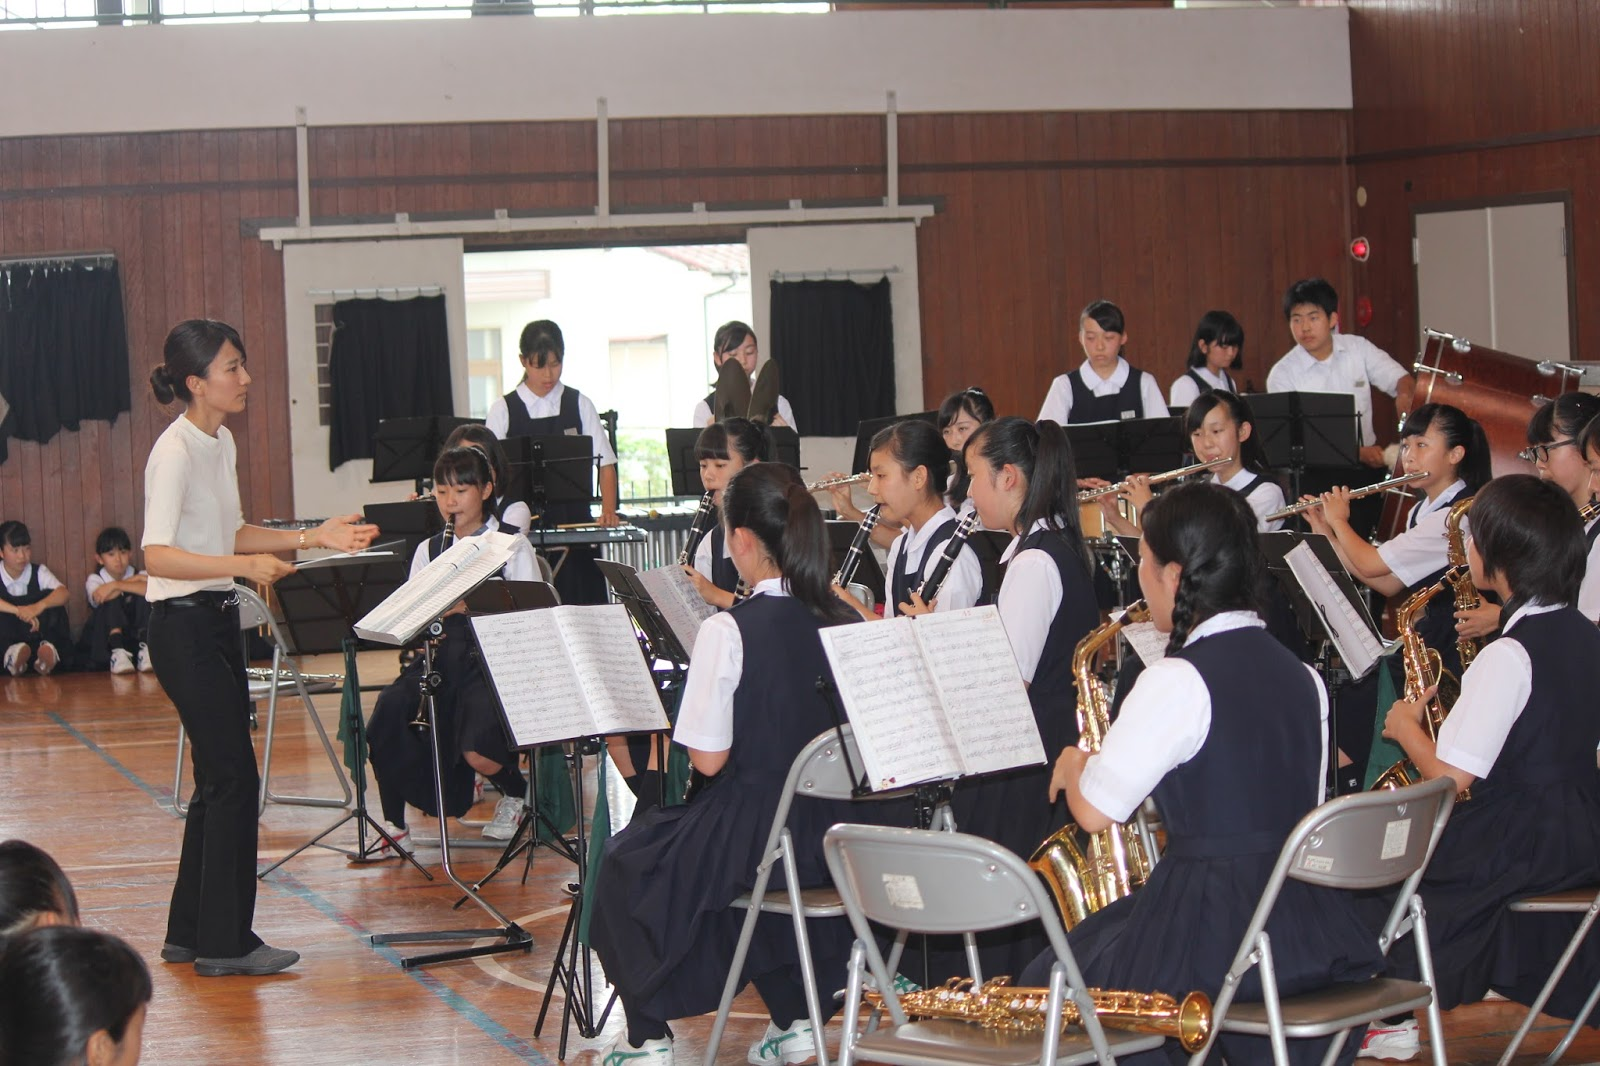 石岡市立府中中学校 公式ブログ